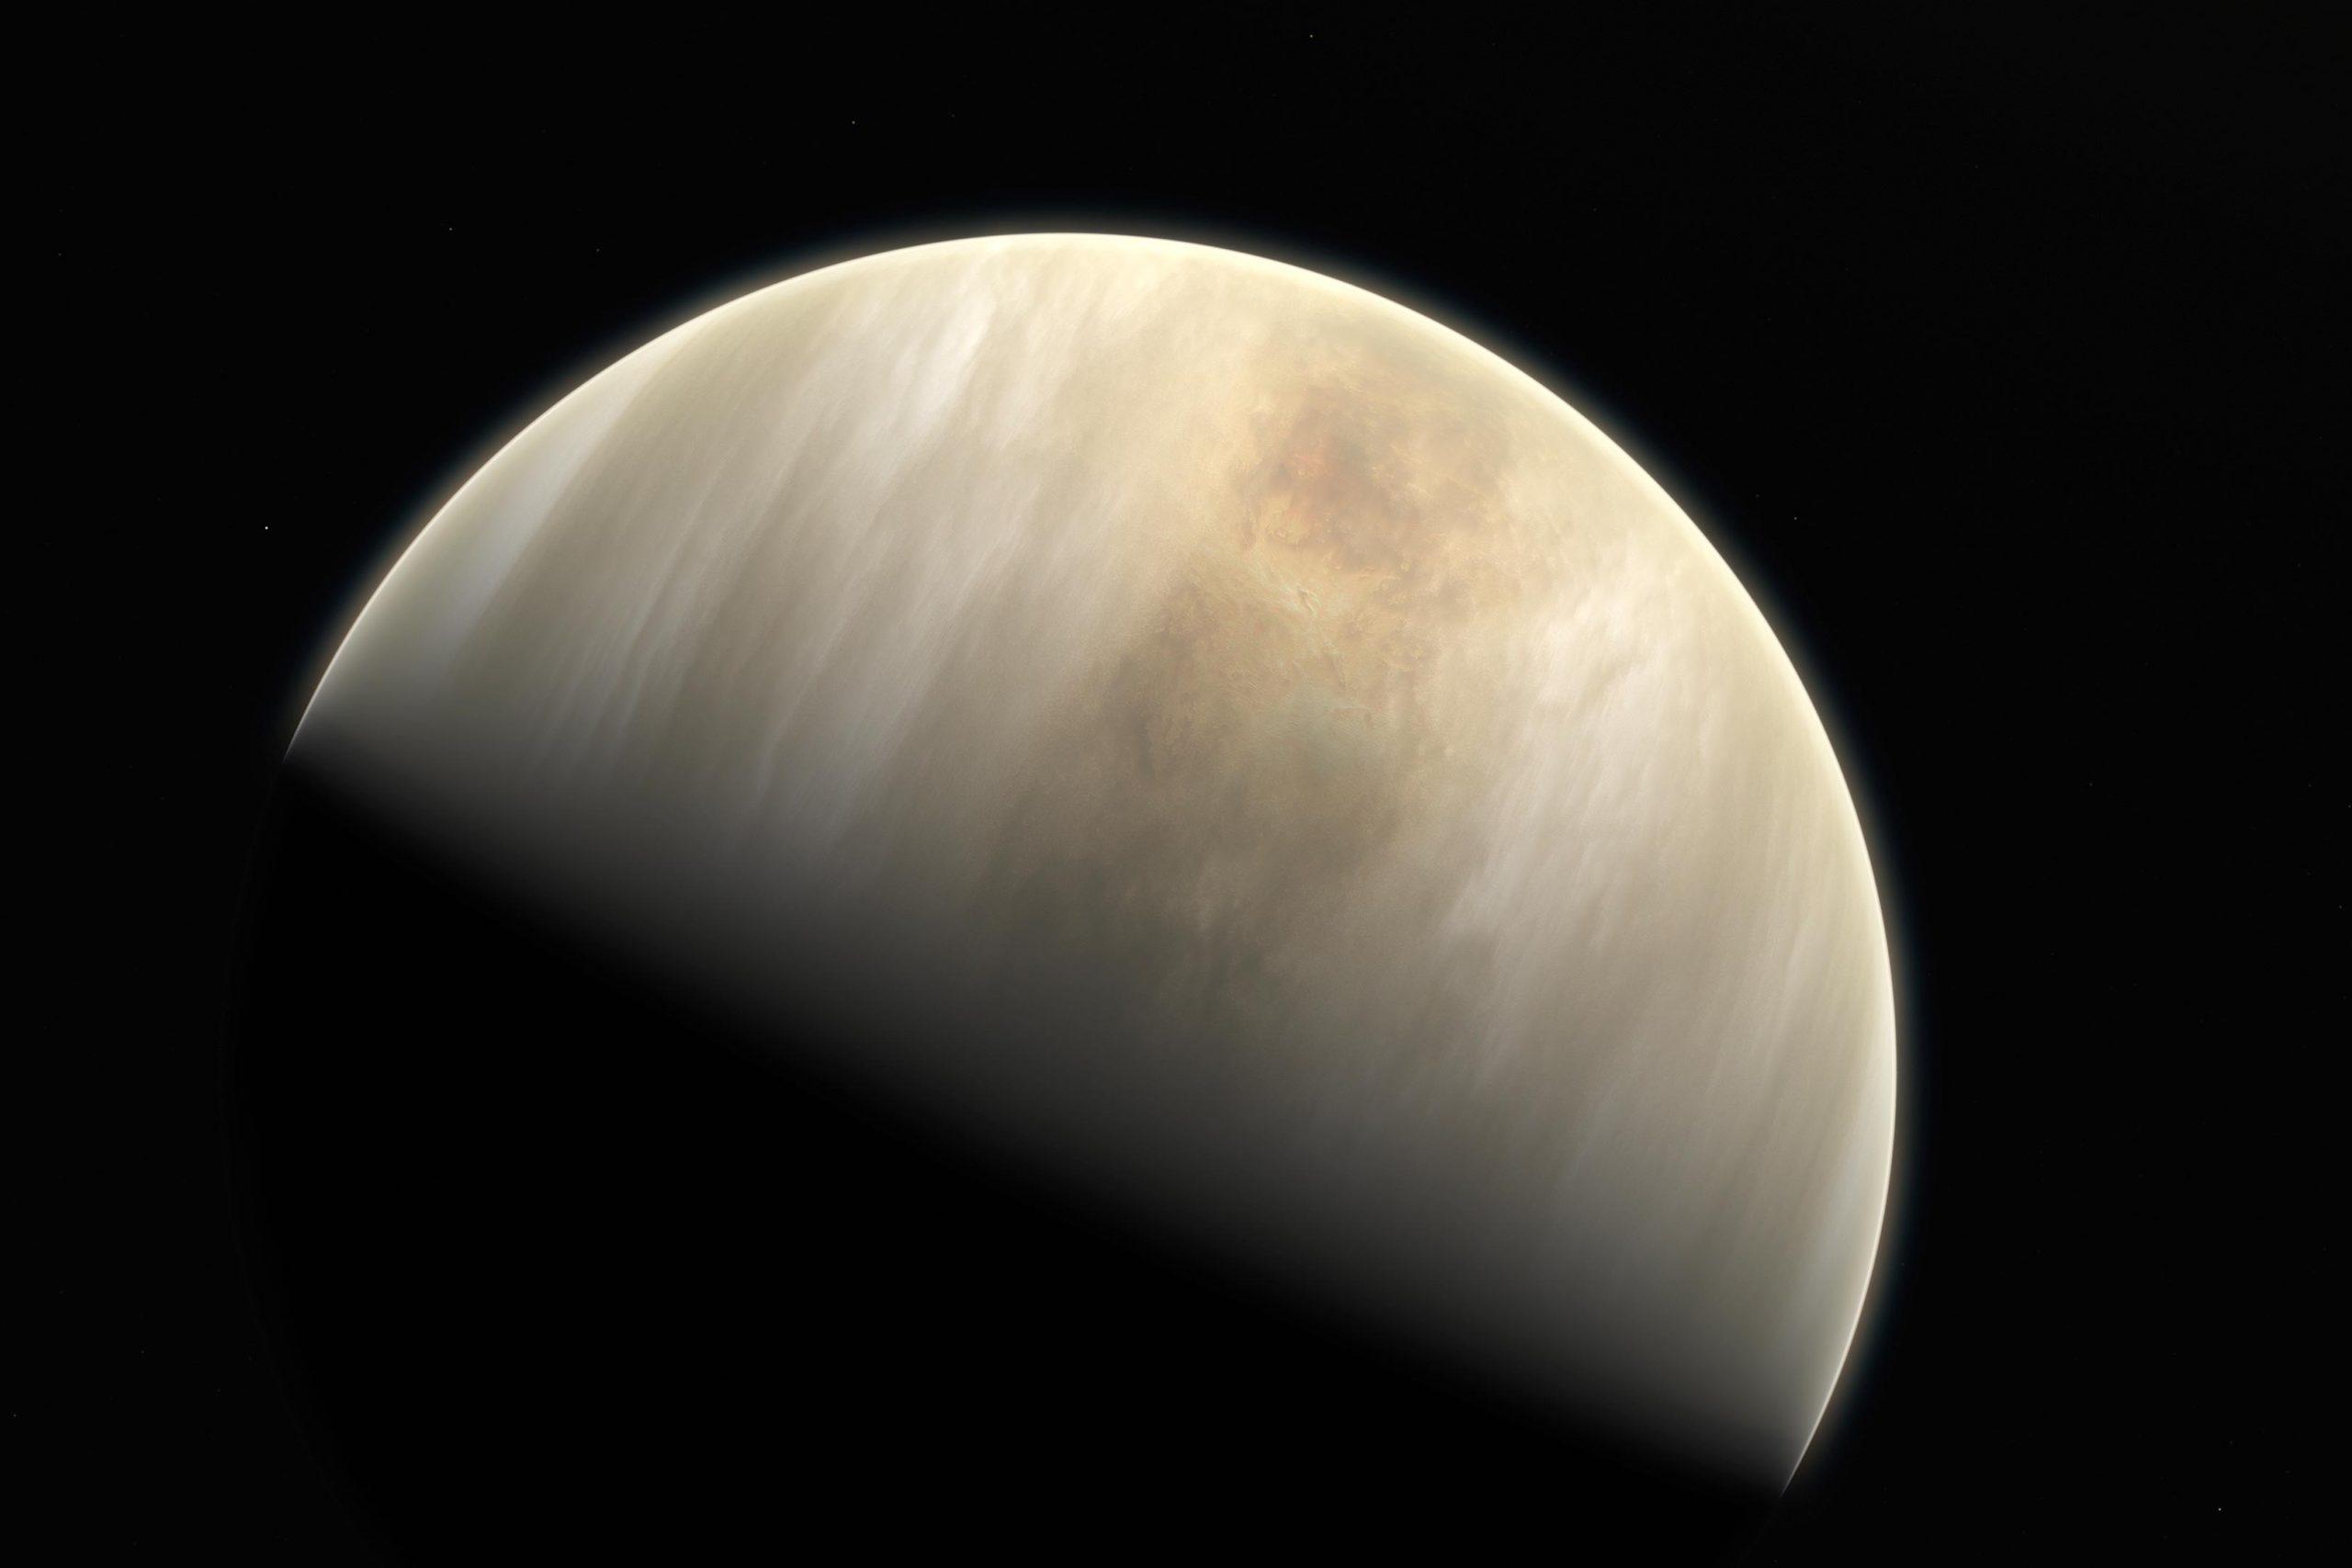 Η NASA θα στείλει δύο διαστημικές αποστολές στην Αφροδίτη